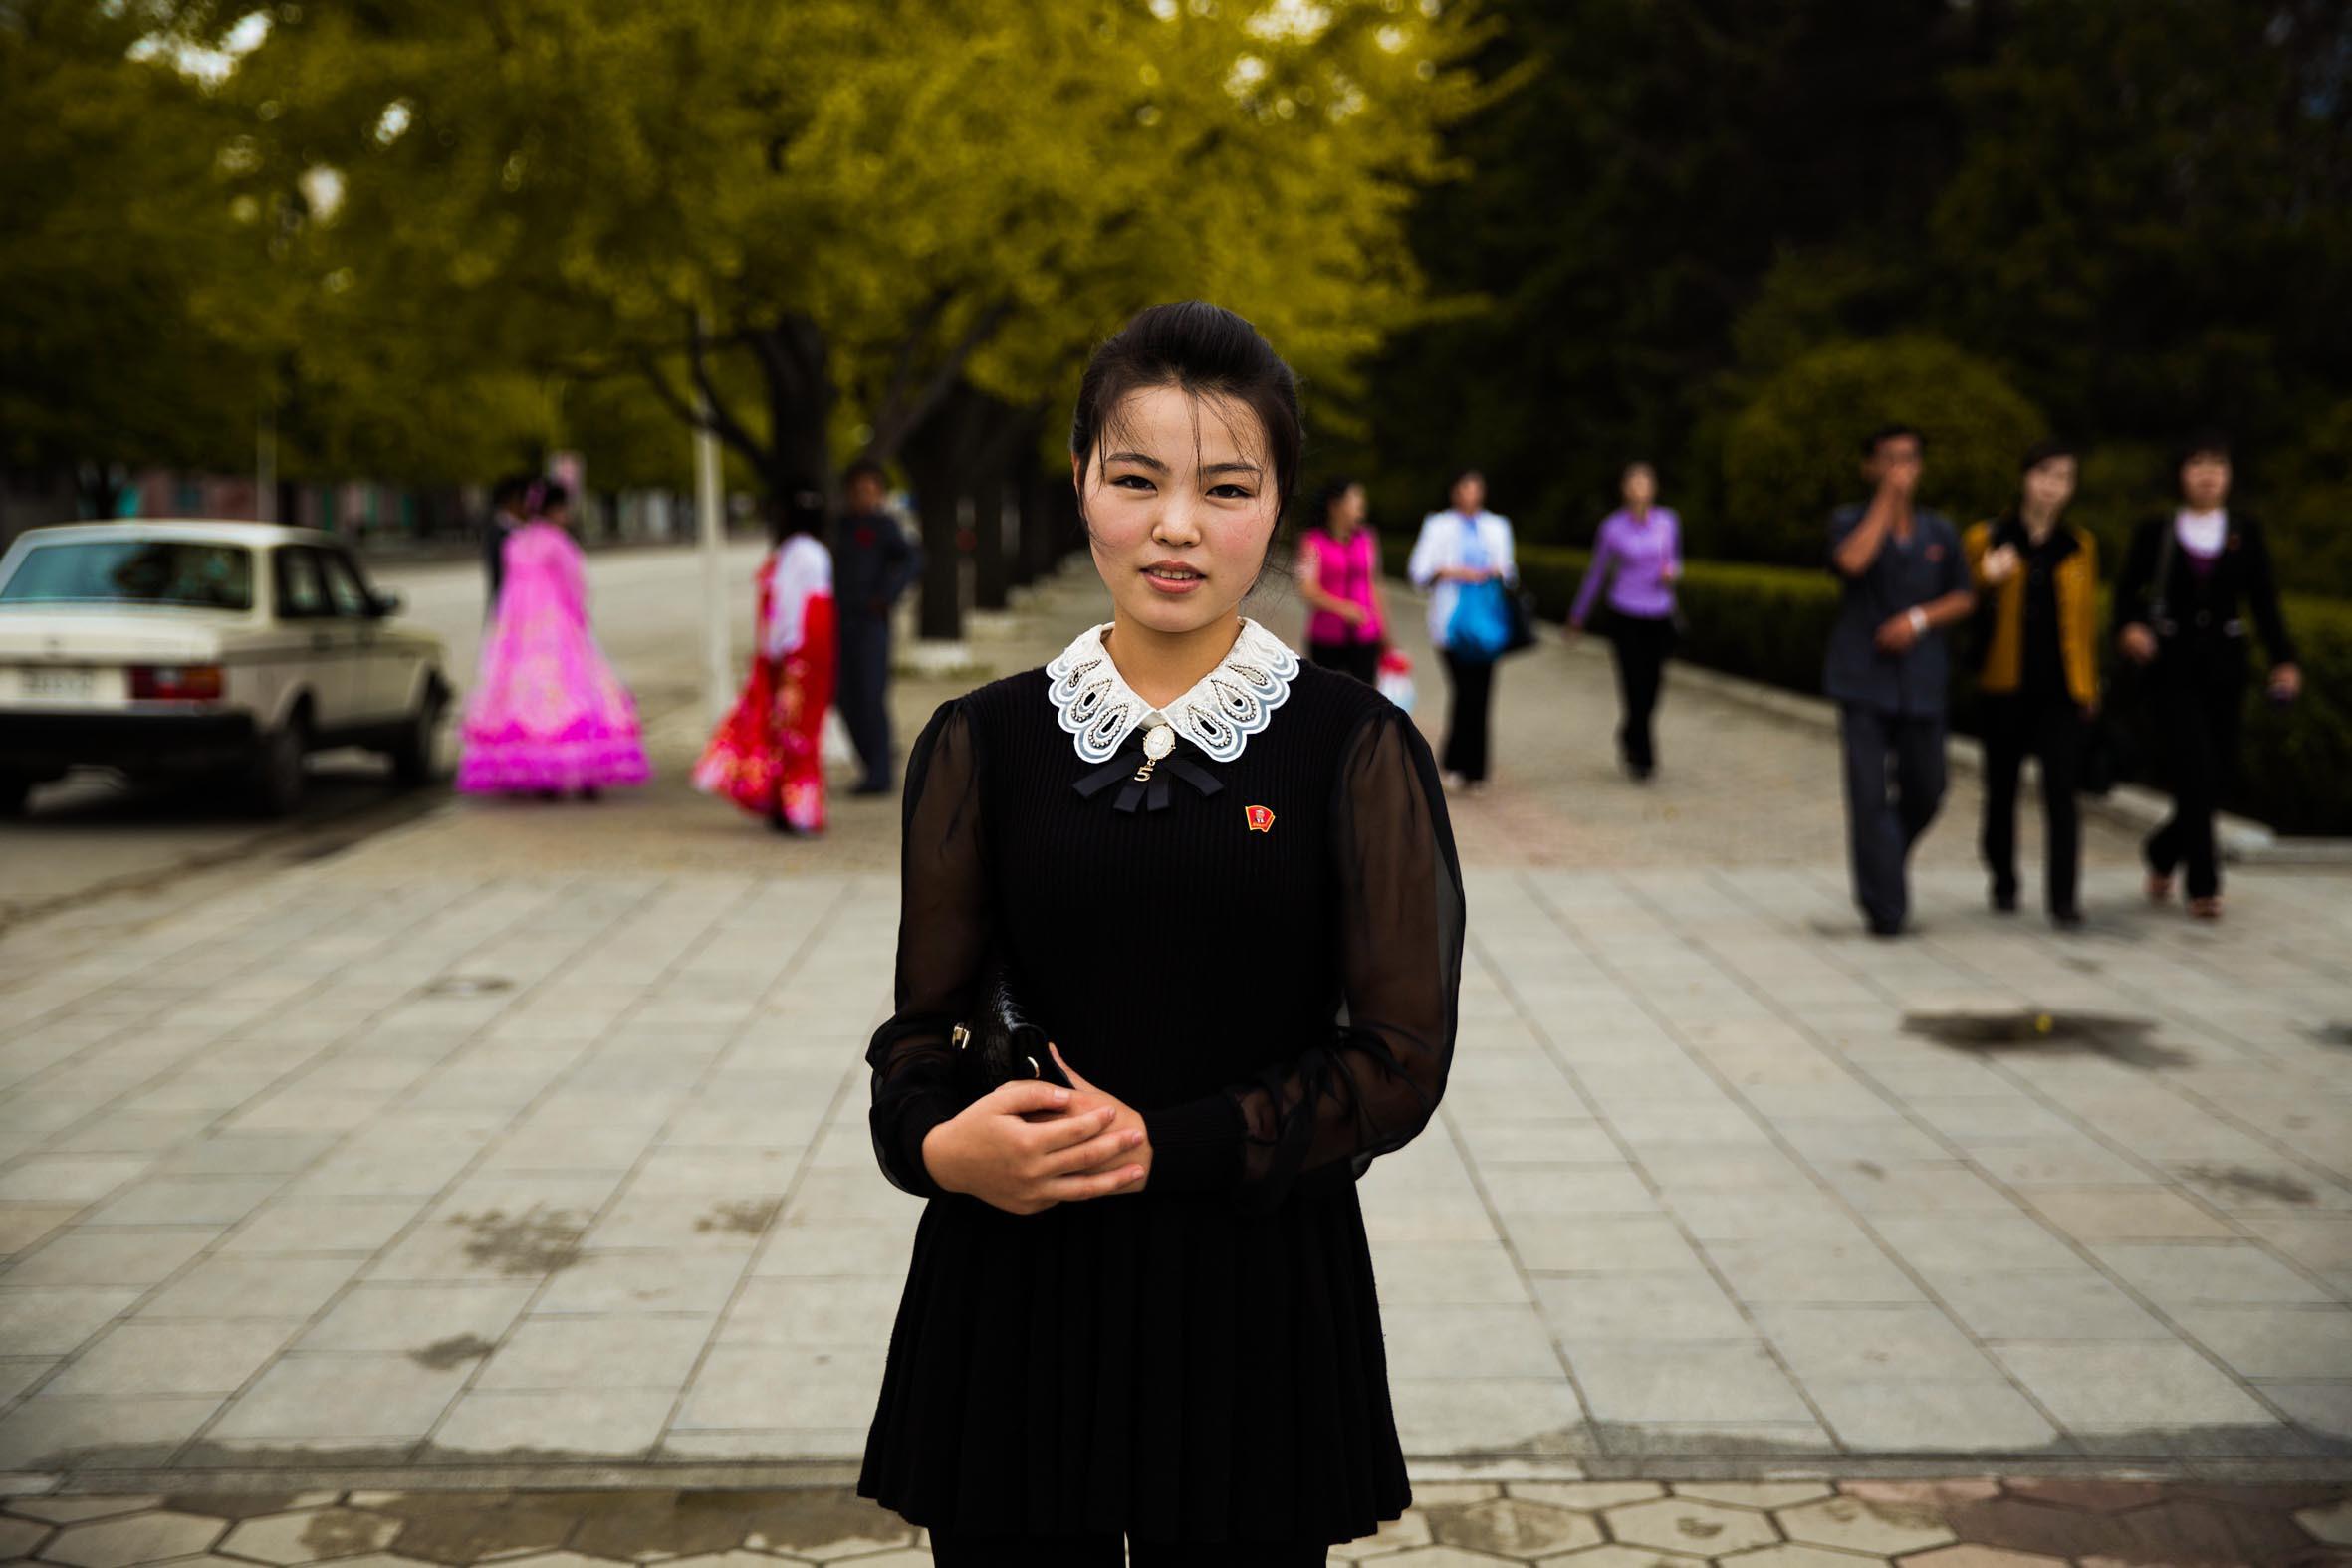 красивые северные кореянки фото случайно